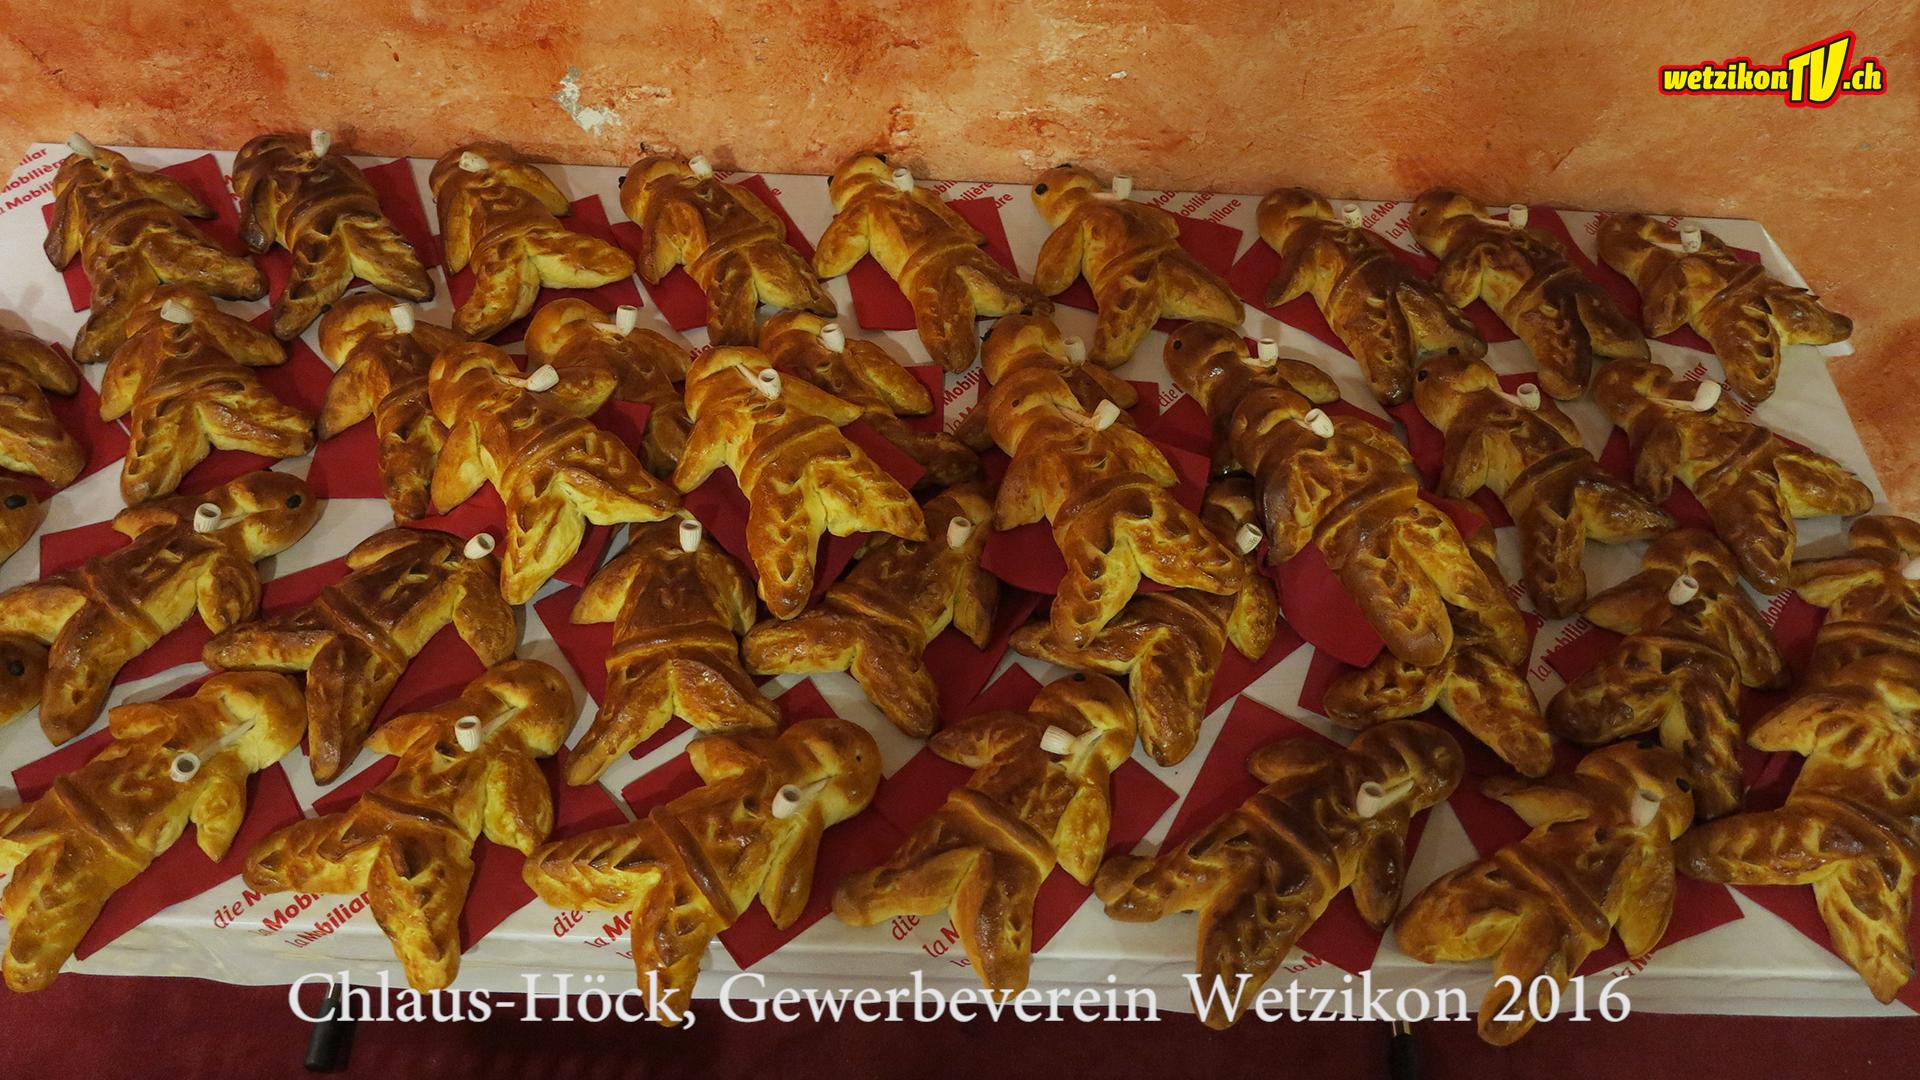 Chlaus-Höck, Gewerbeverein Wetzikon 2016